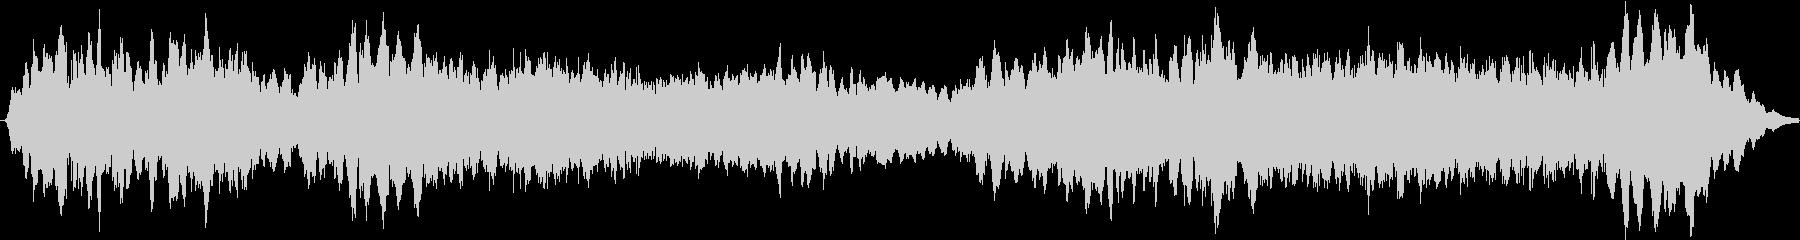 穏やかな波の海で歌ってる女性をイメージ…の未再生の波形